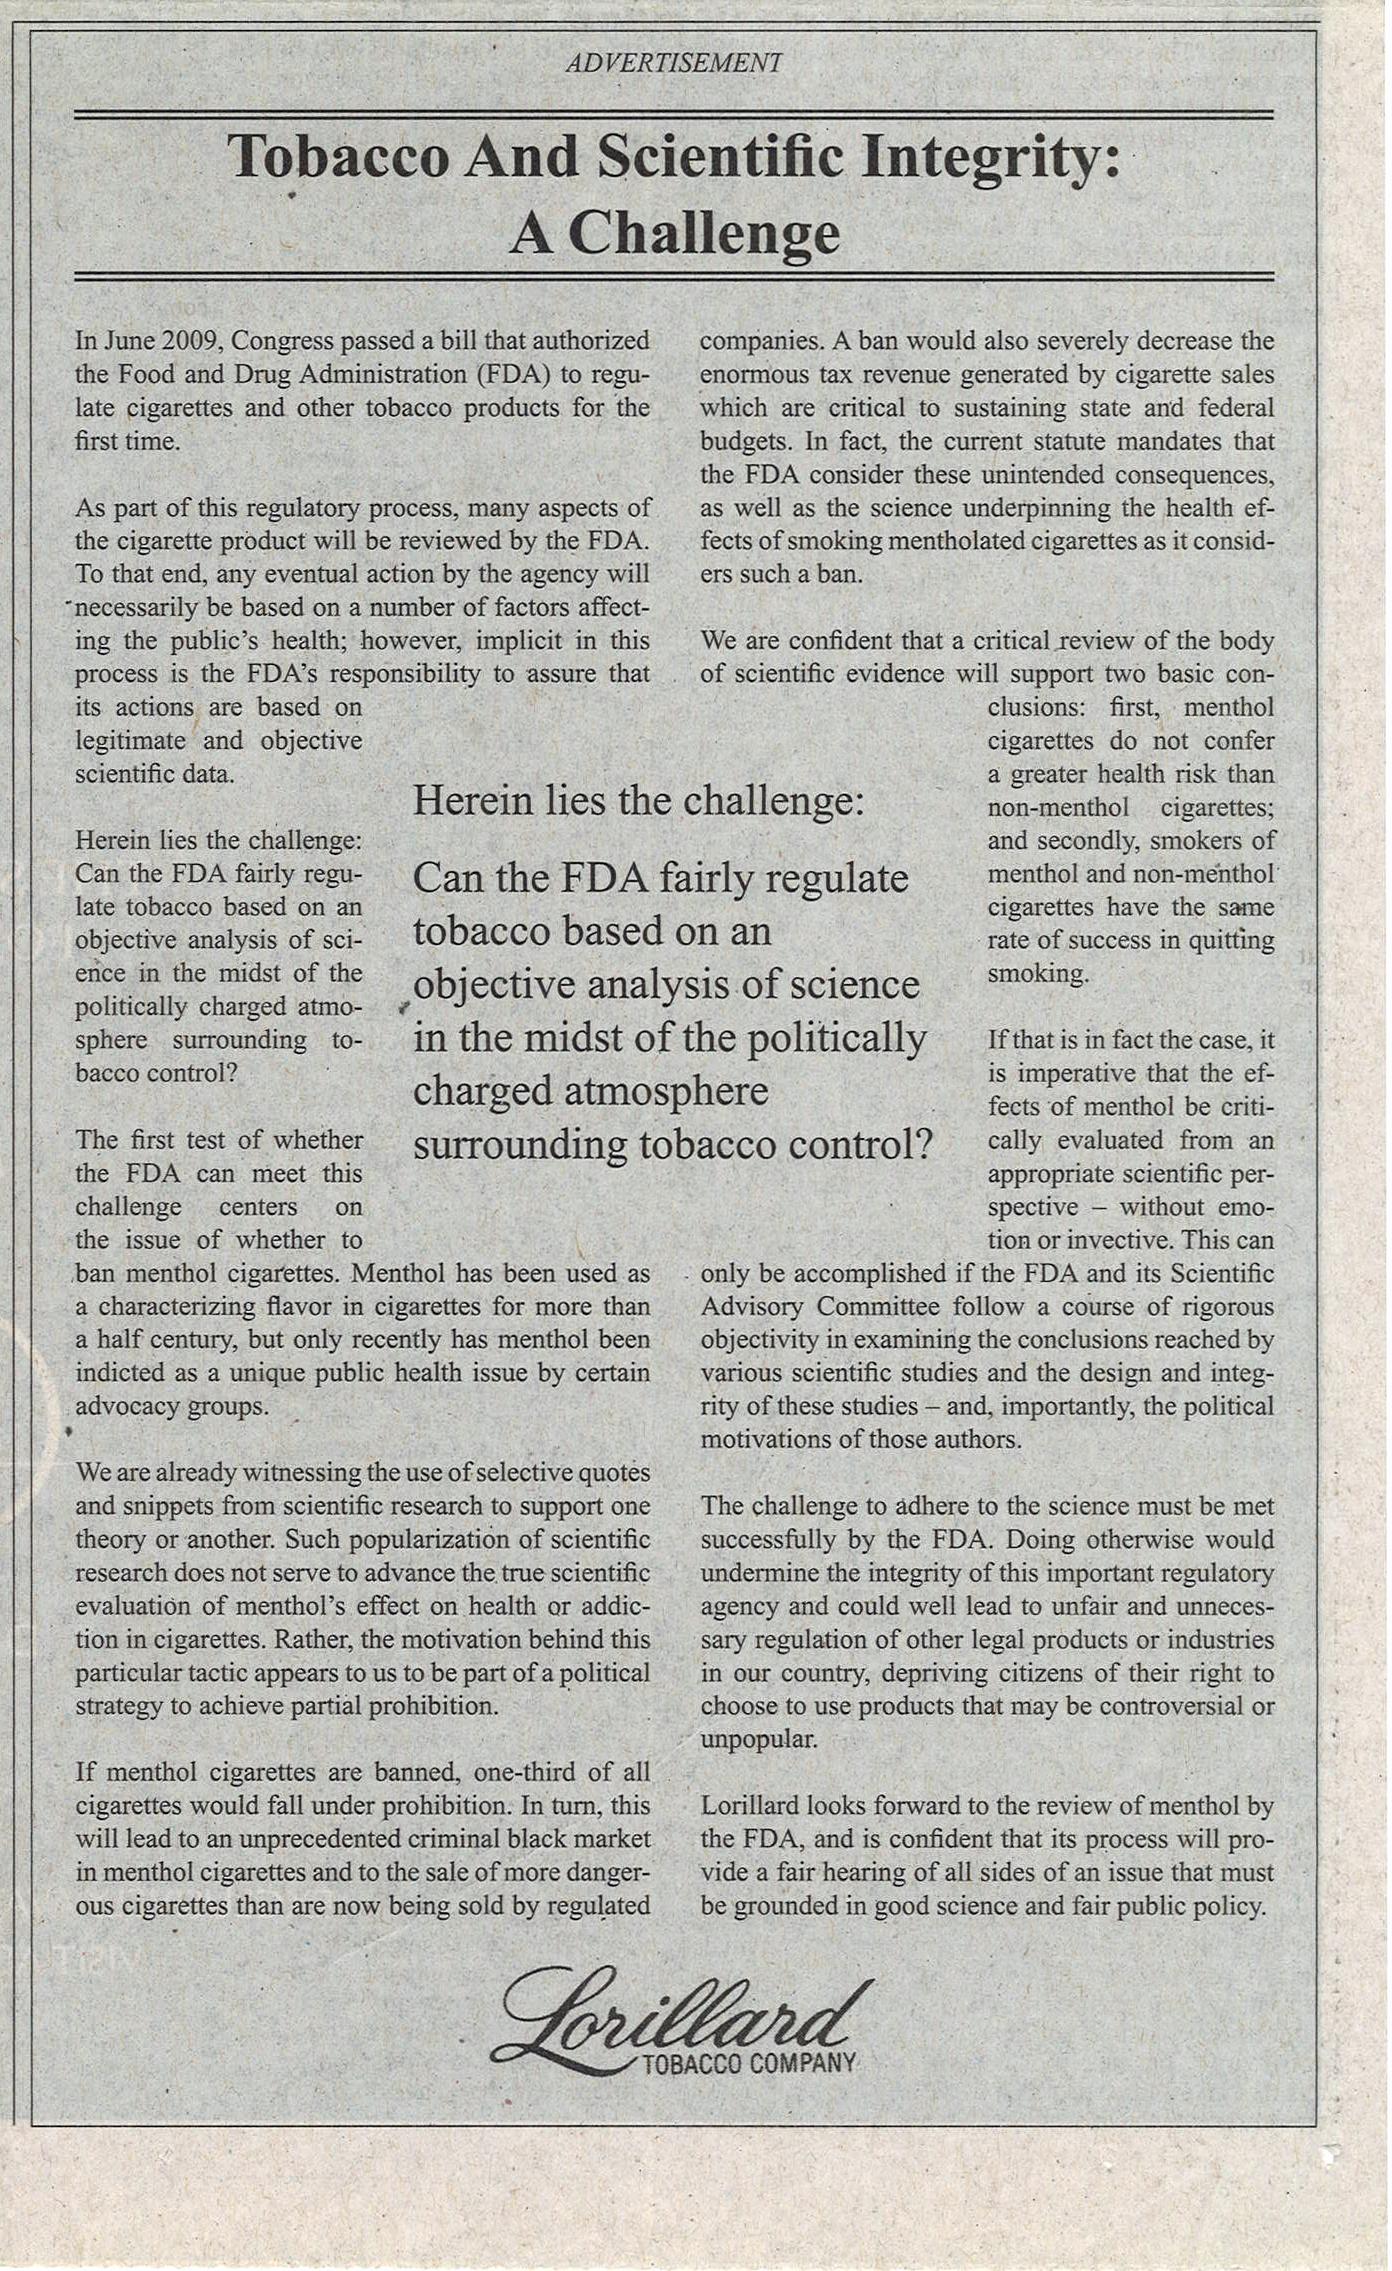 2009 12 23 WSJ Lorillard Ad Tobacco Scientific Integrity